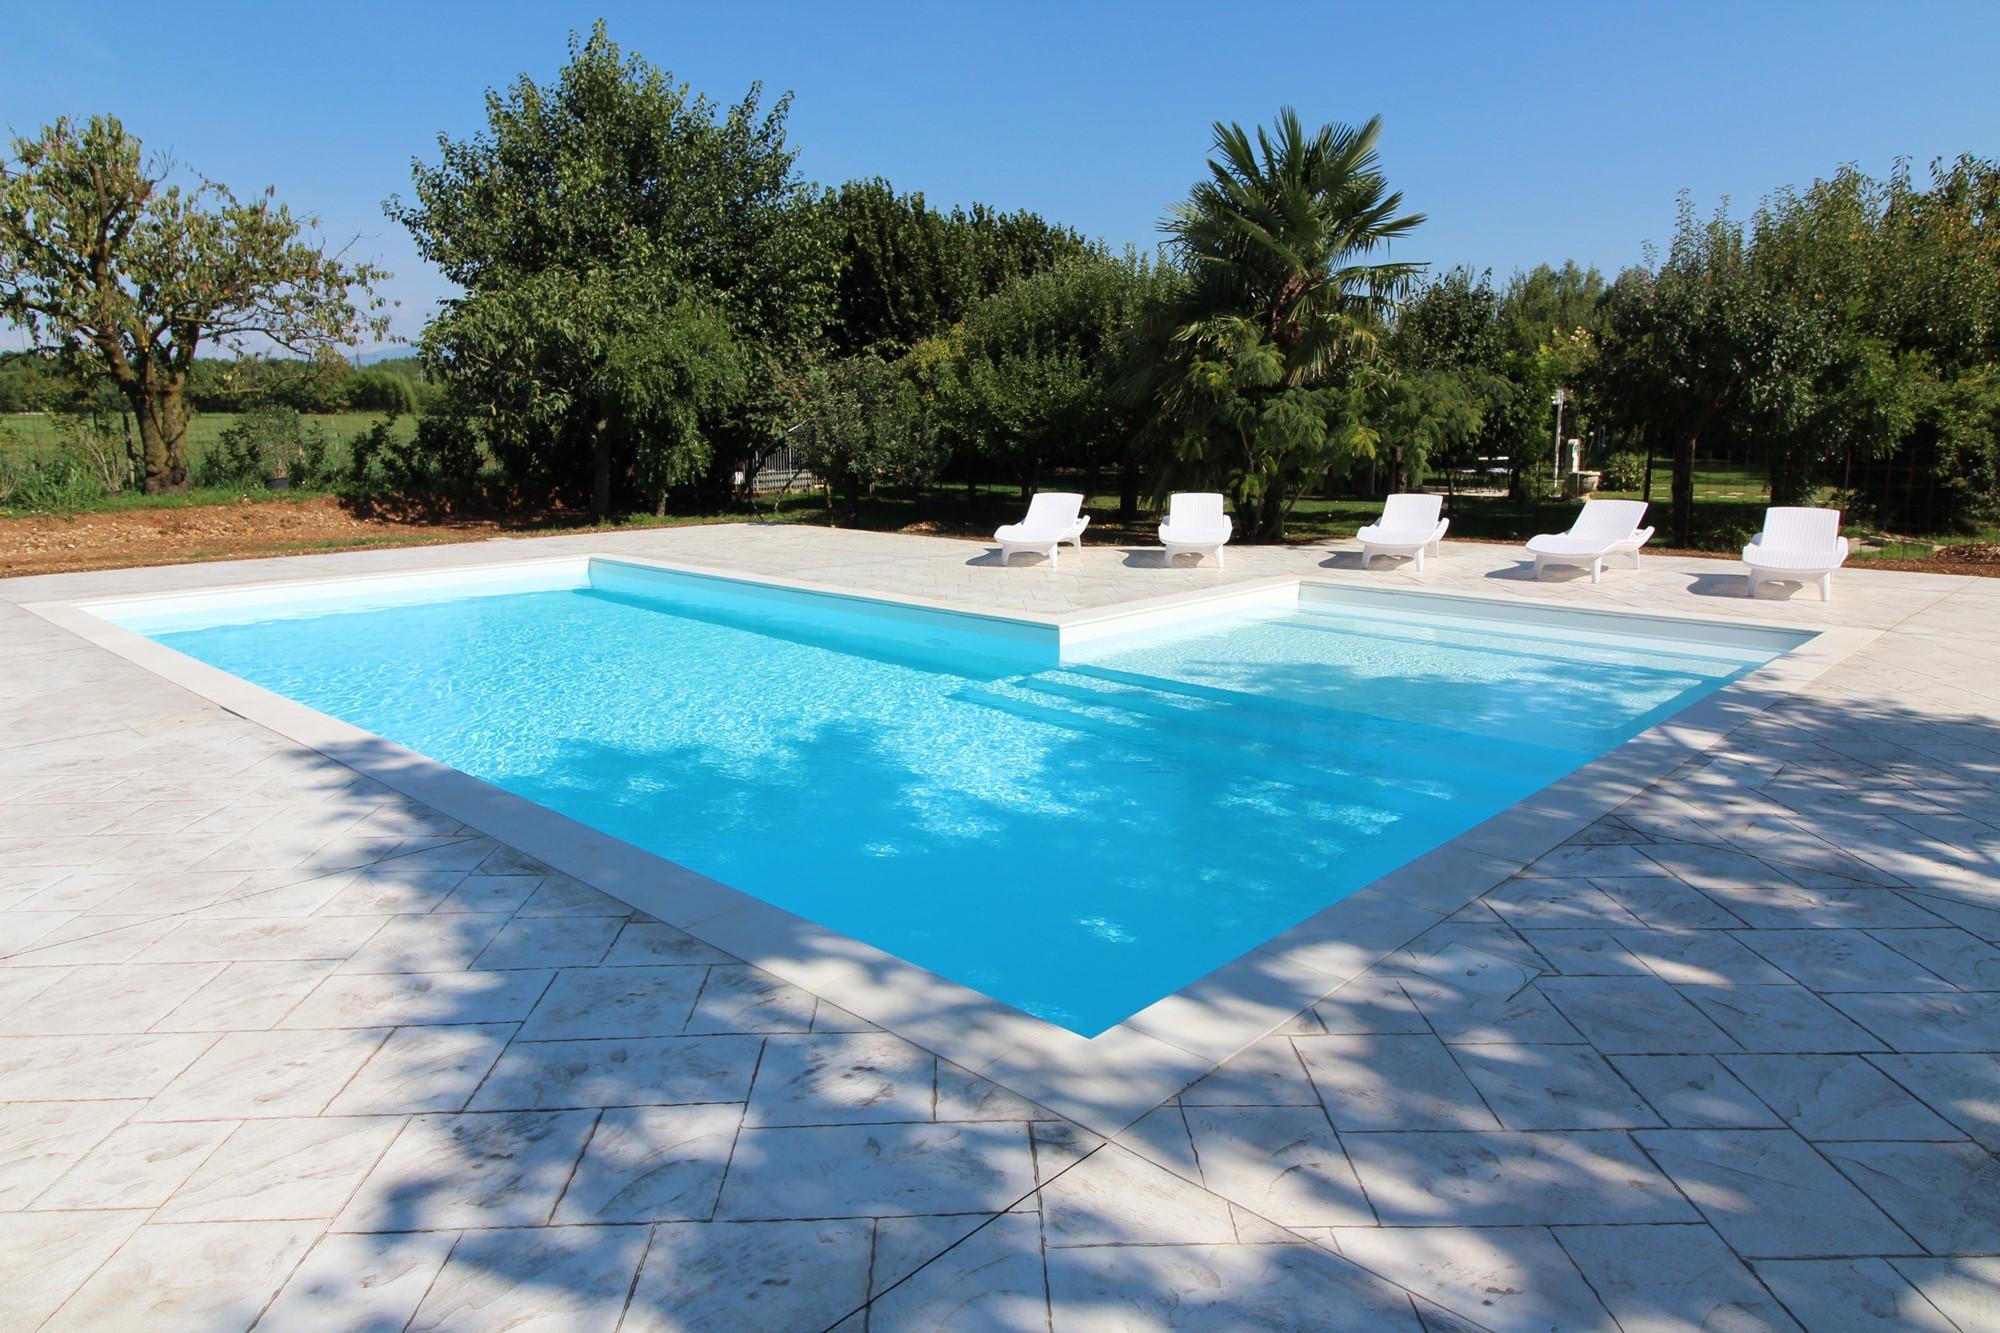 Ecco qualche idea per la tua futura piscina piscine for Piscine 4x3